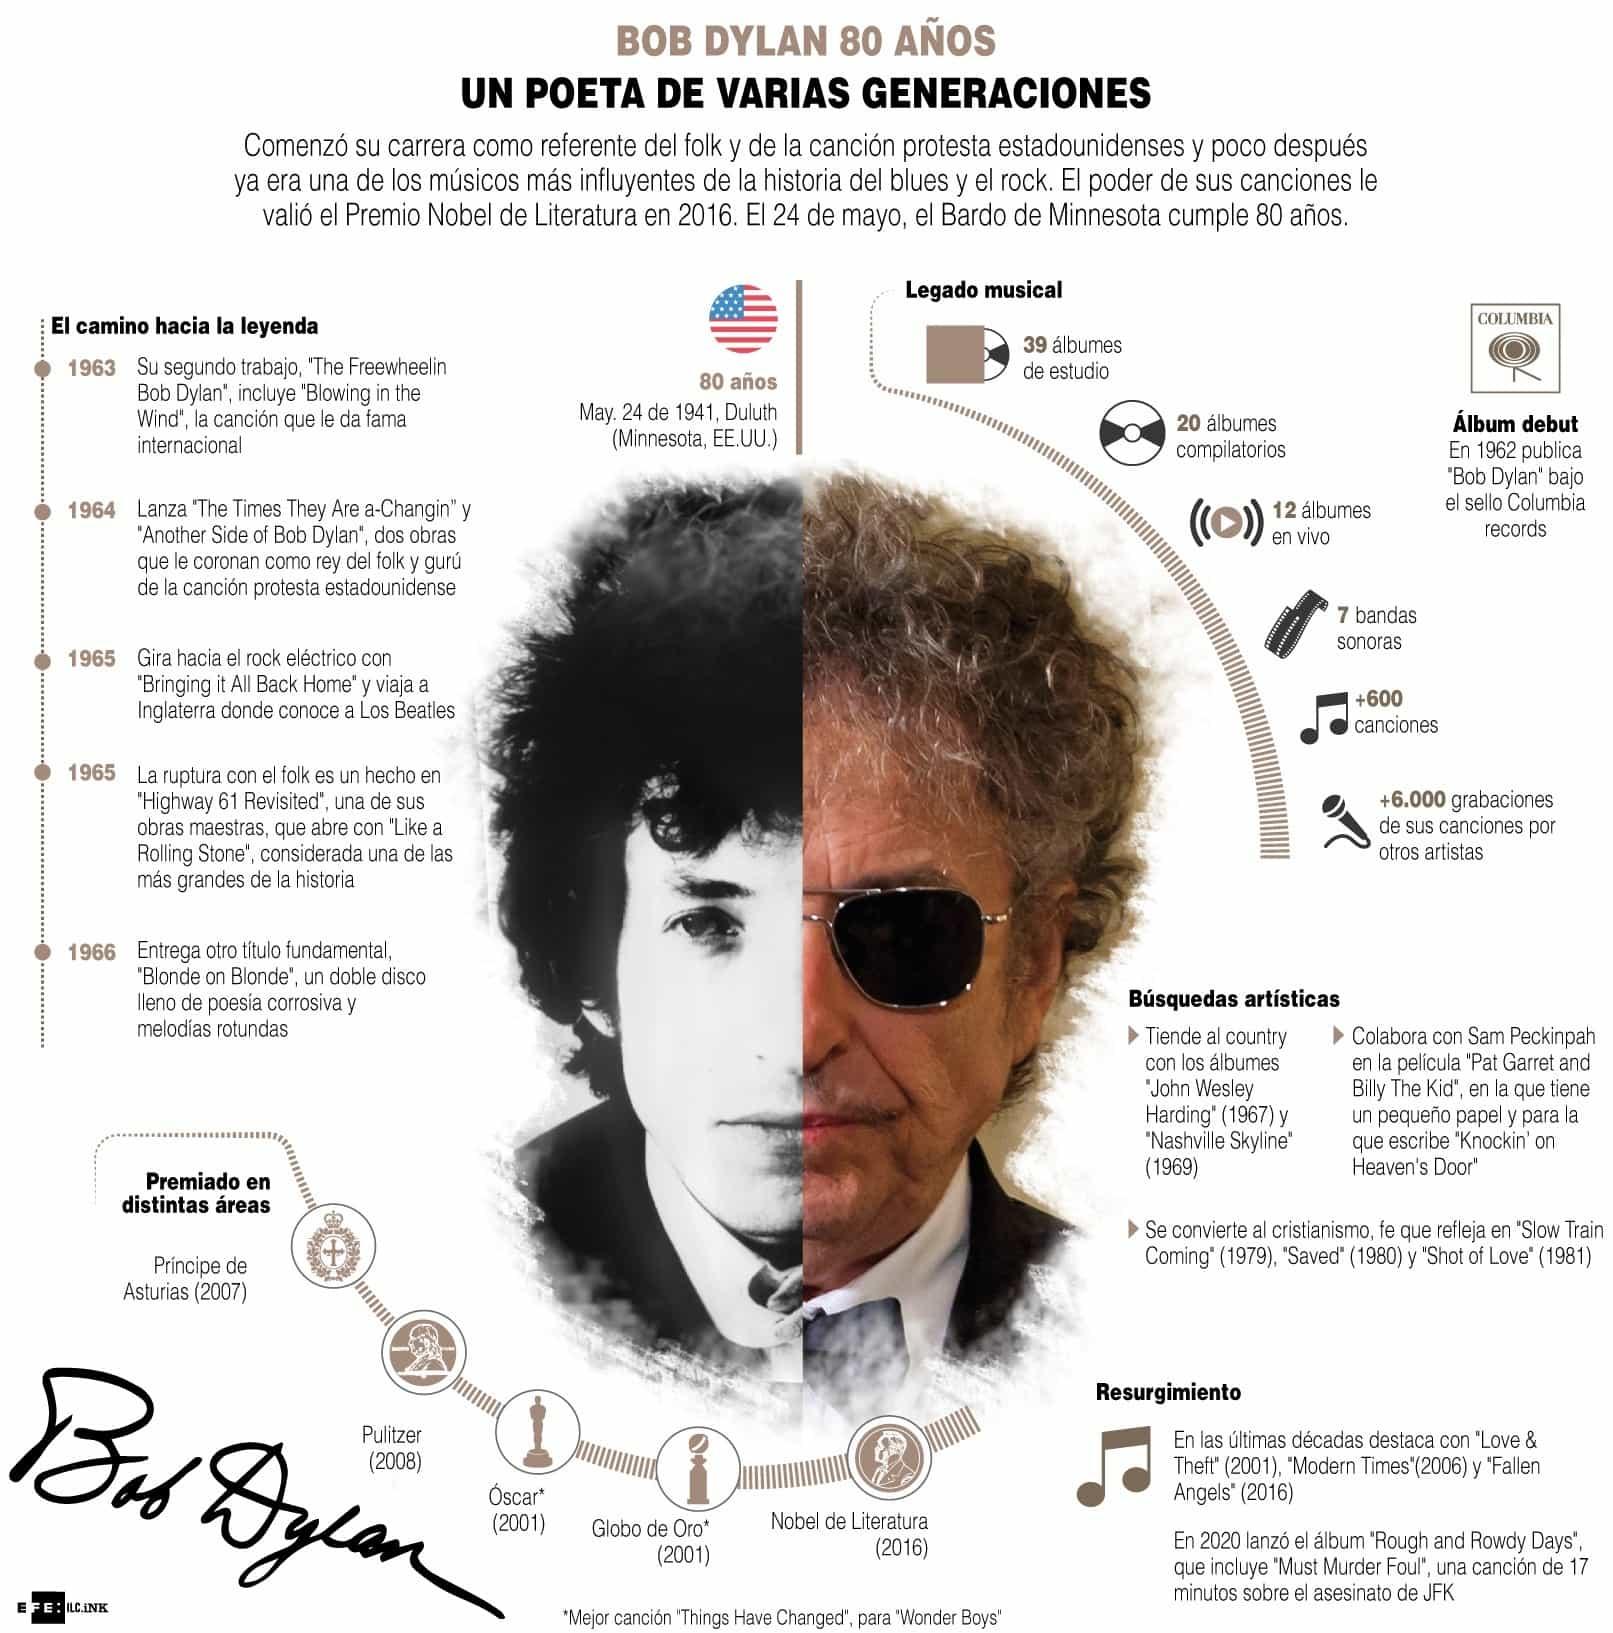 [Infografía] - Bob Dylan 80 años, un poeta de varias generaciones 1